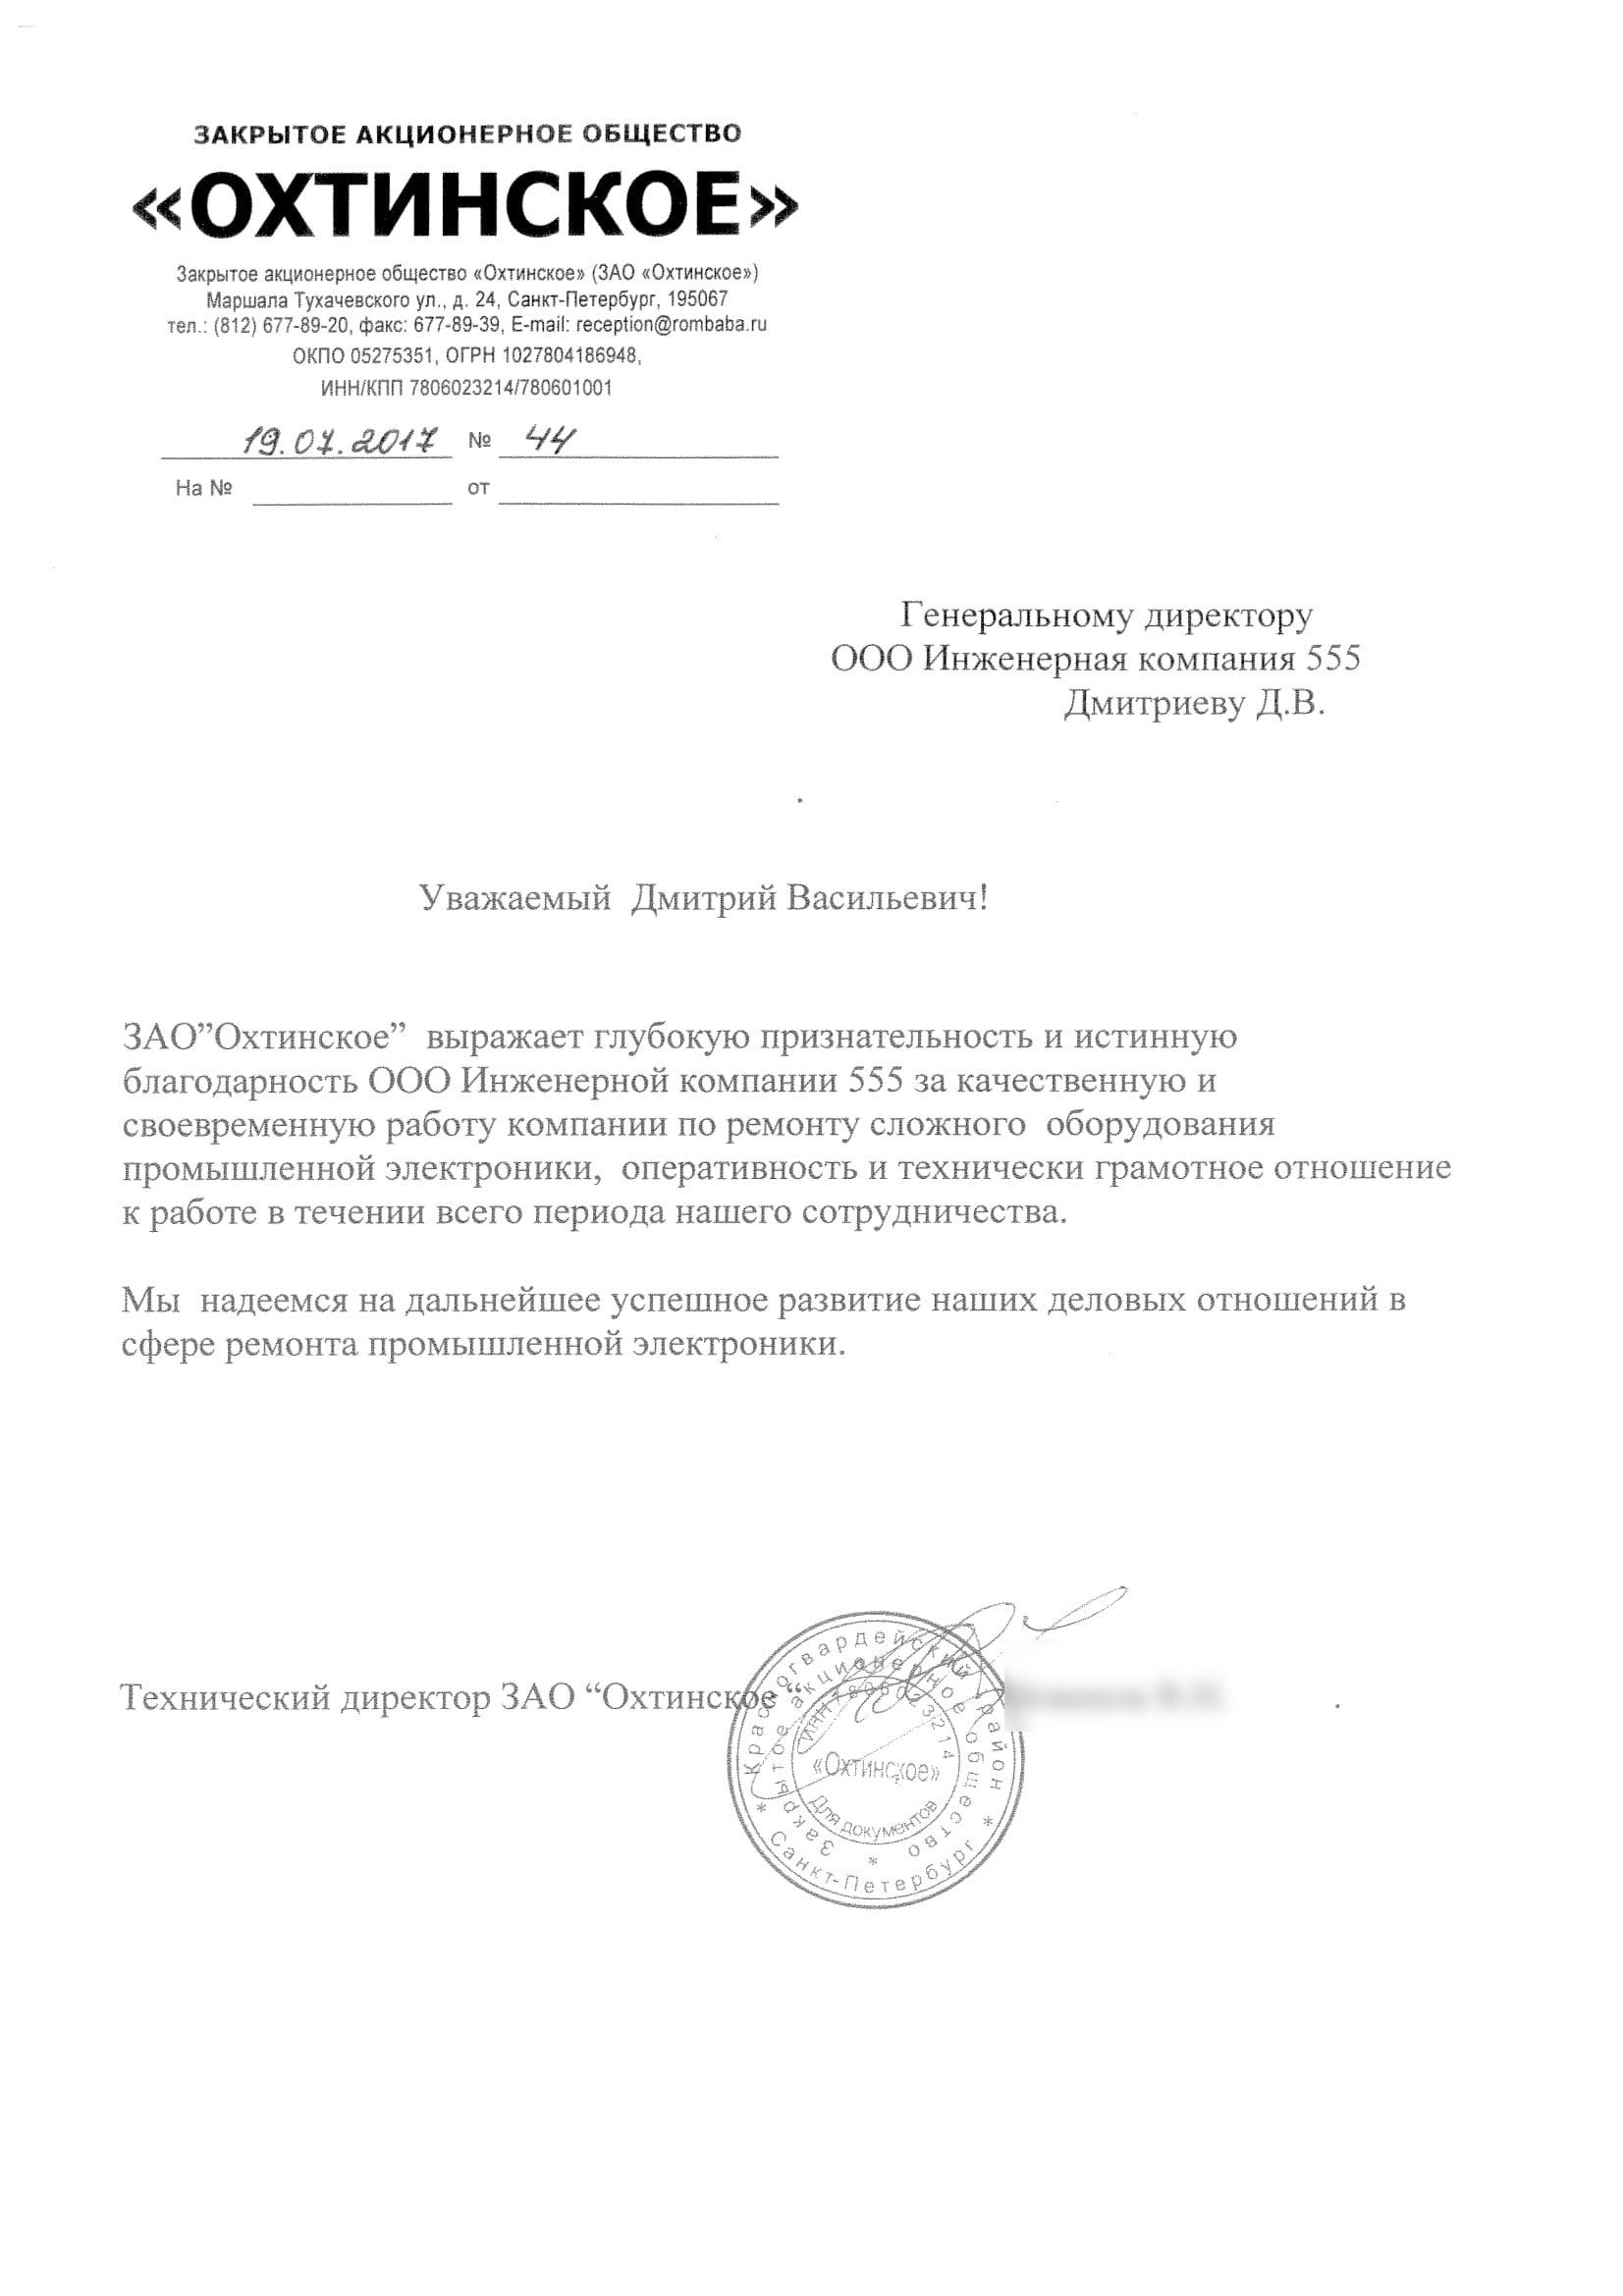 Remont Promyshlennoj Elektroniki Siemens Inzhenernaya Kompaniya 555